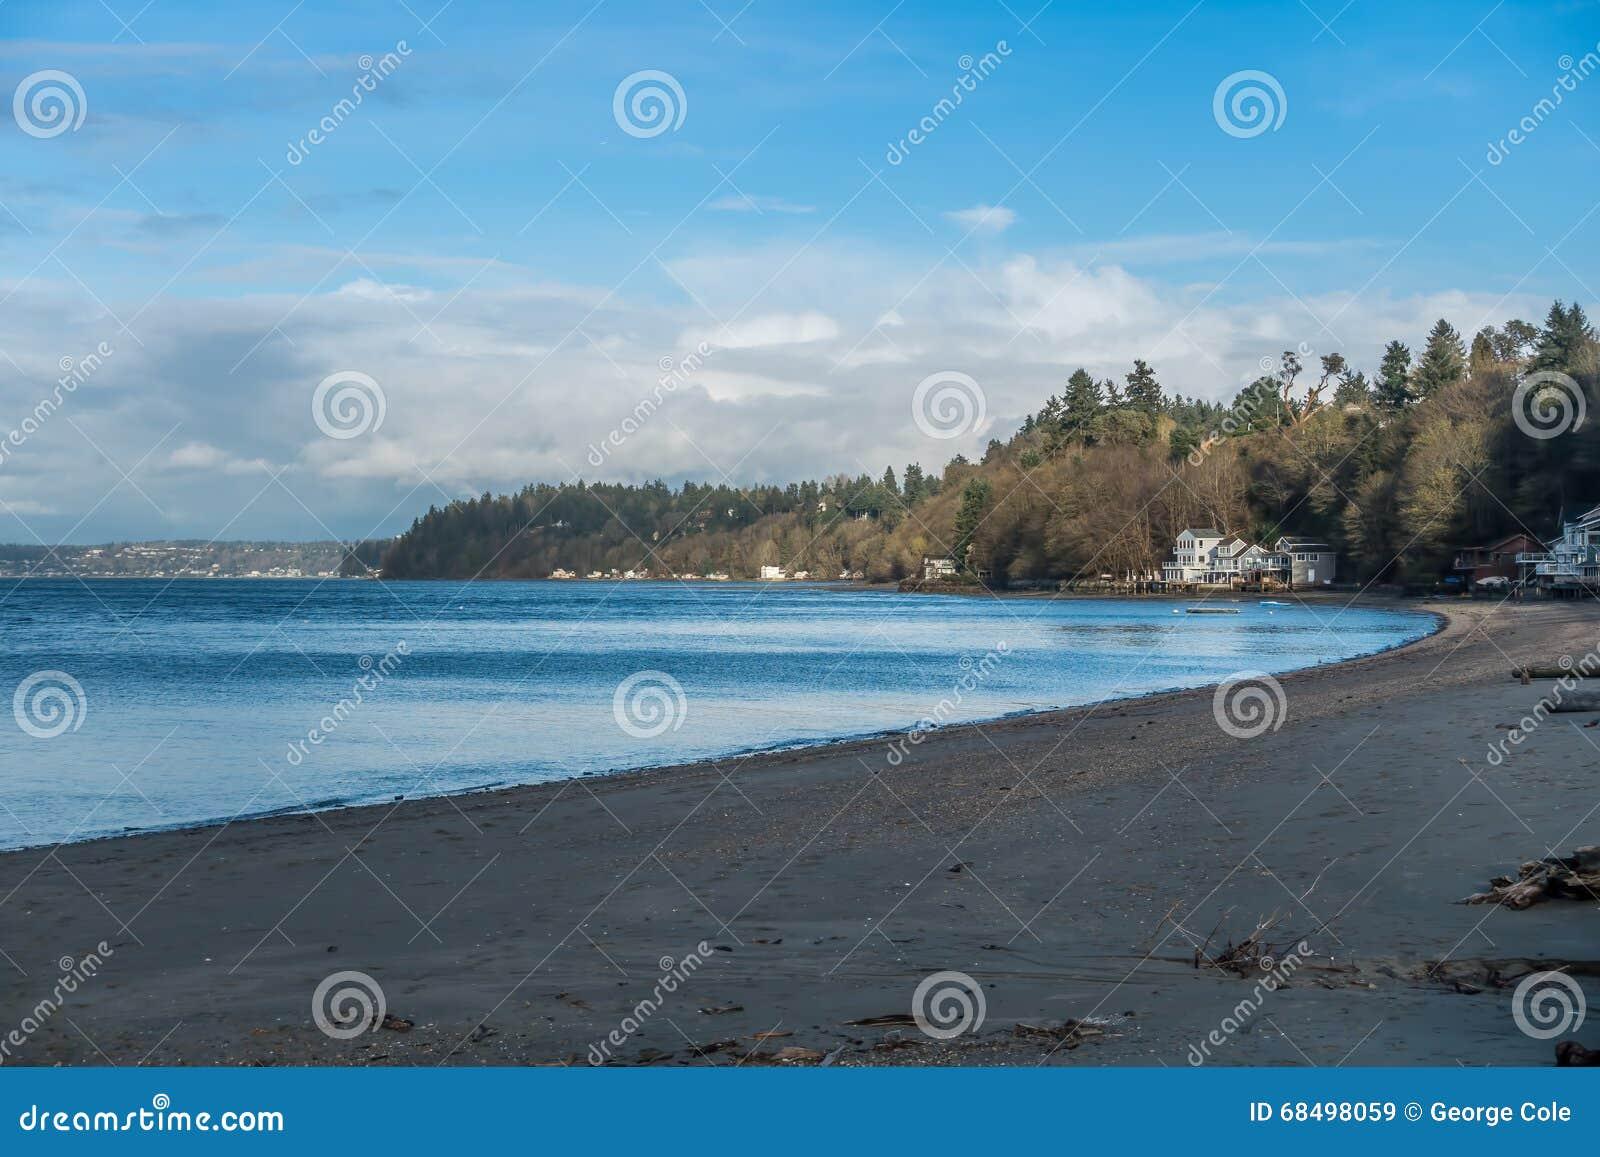 Beach At Dash Point